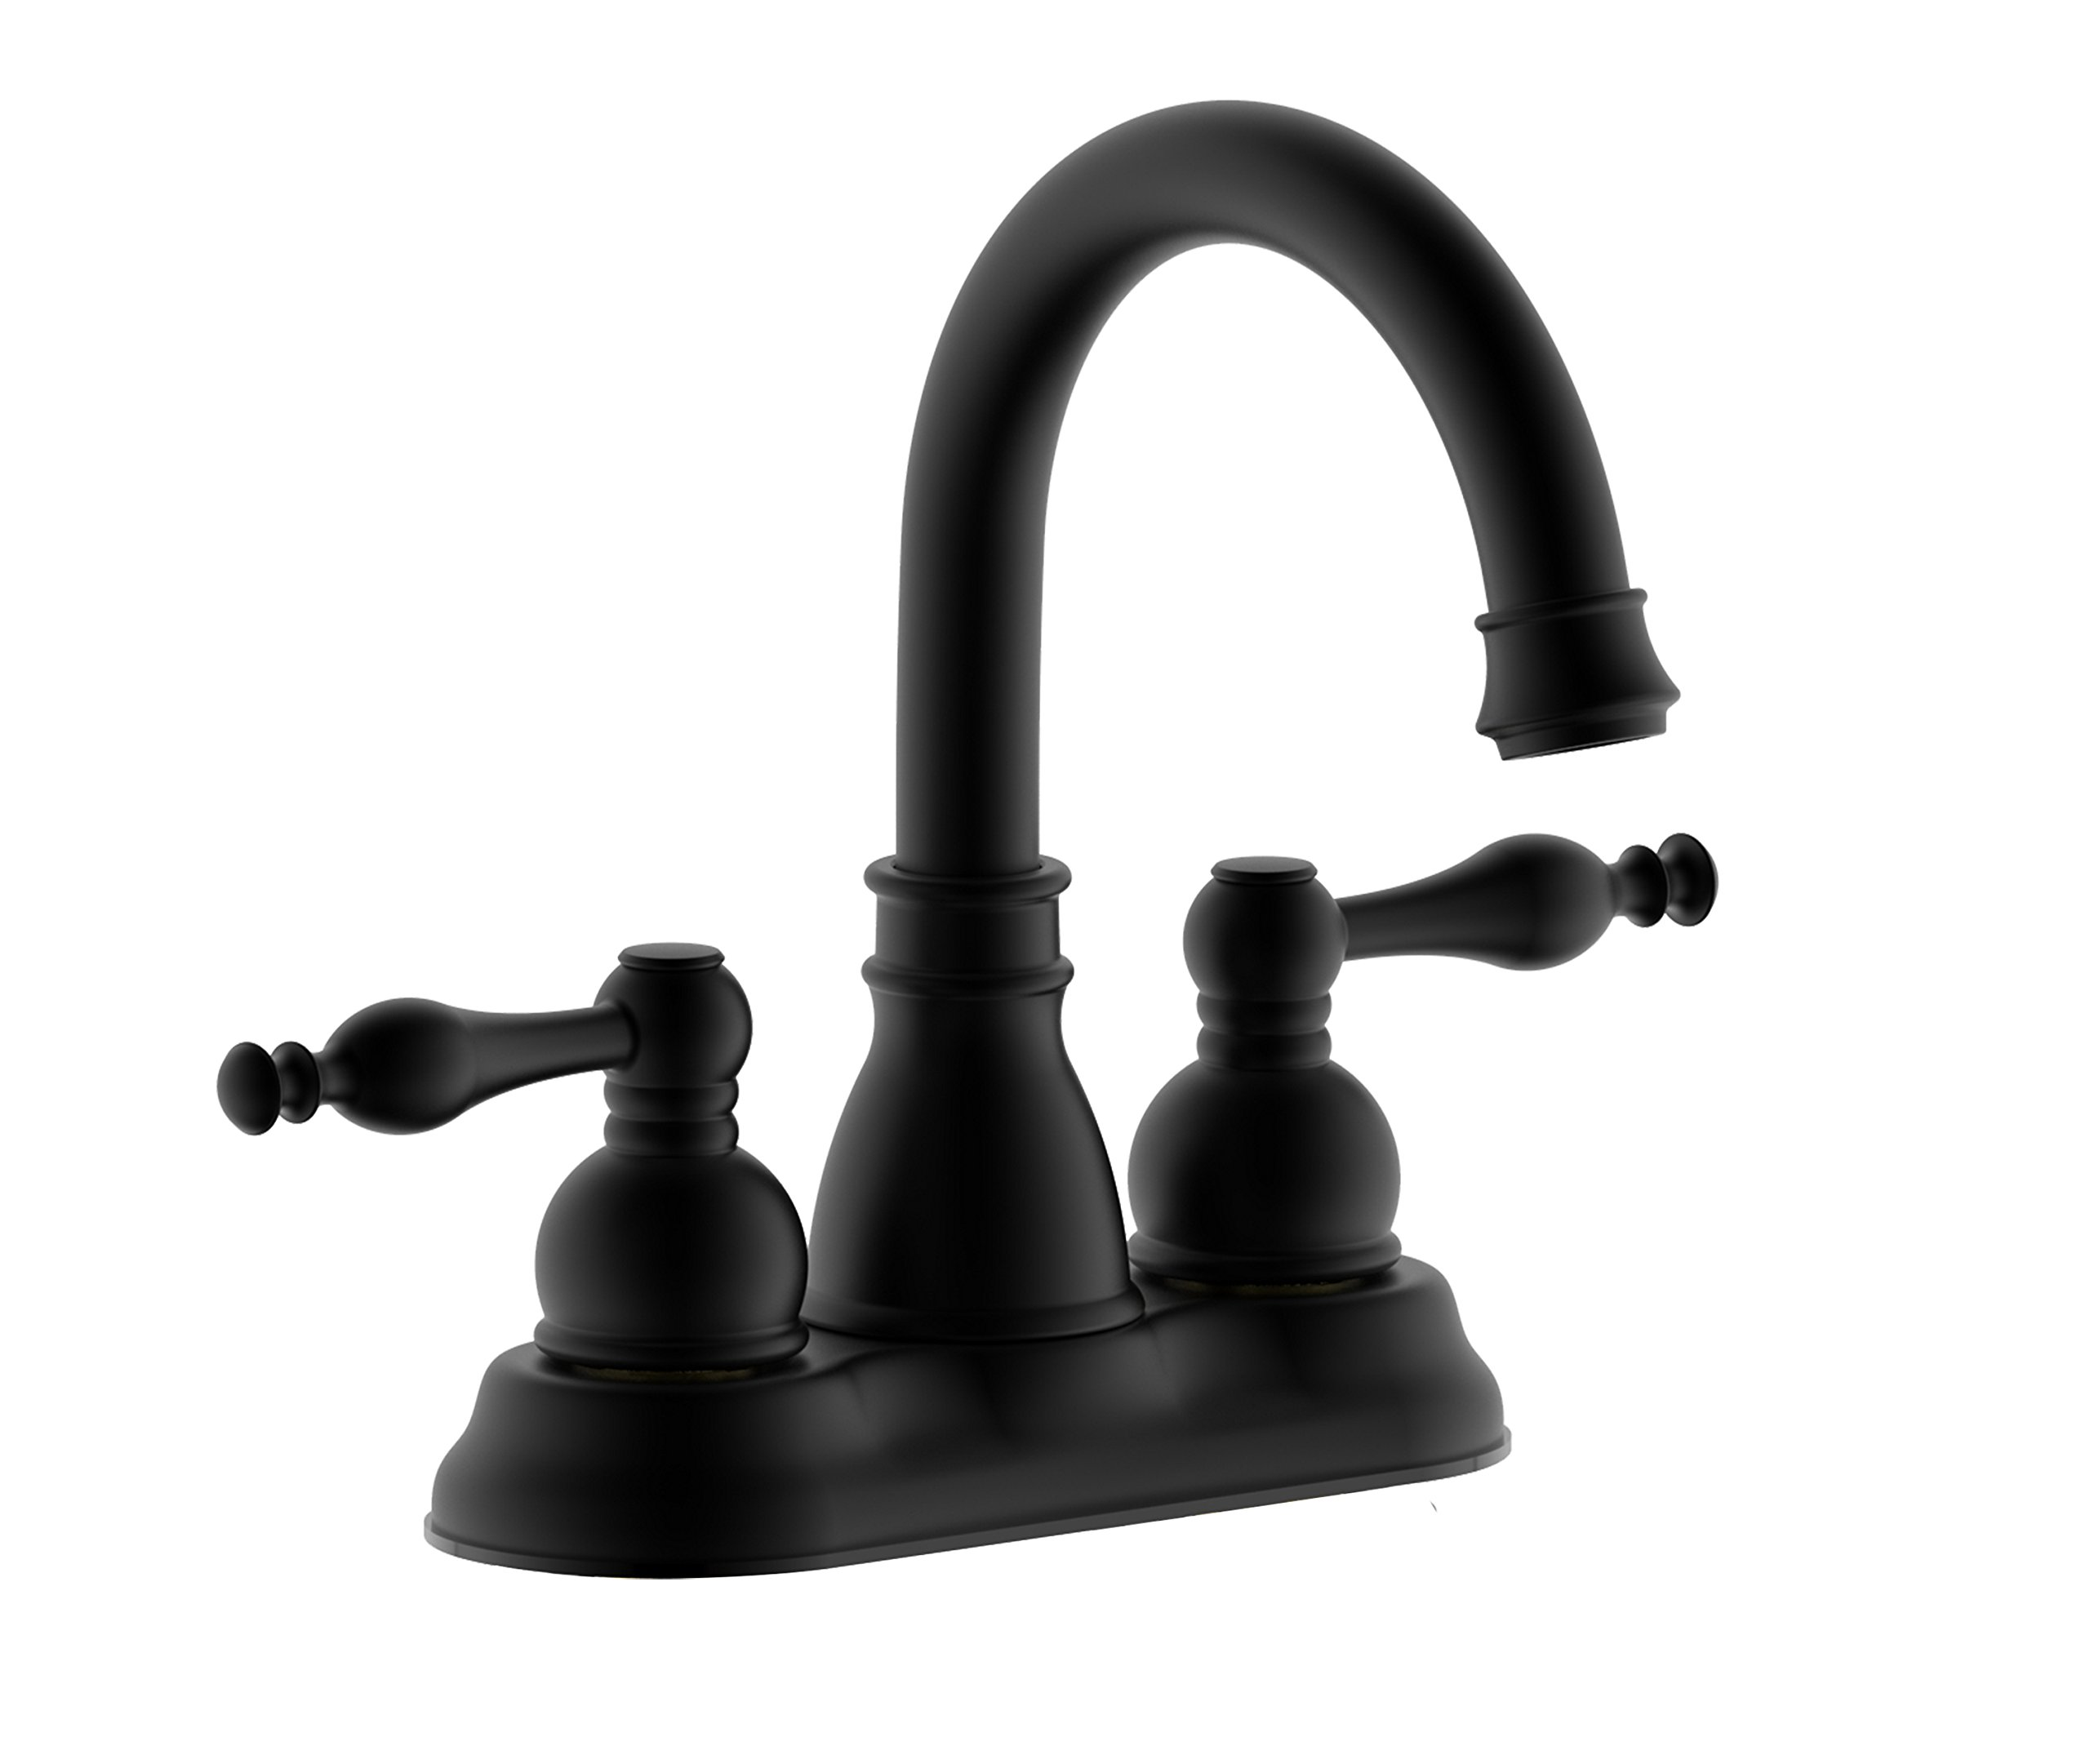 Derengge F-450-JM MT Matte Black Two-Handle Lavatory Bathroom Sink ...